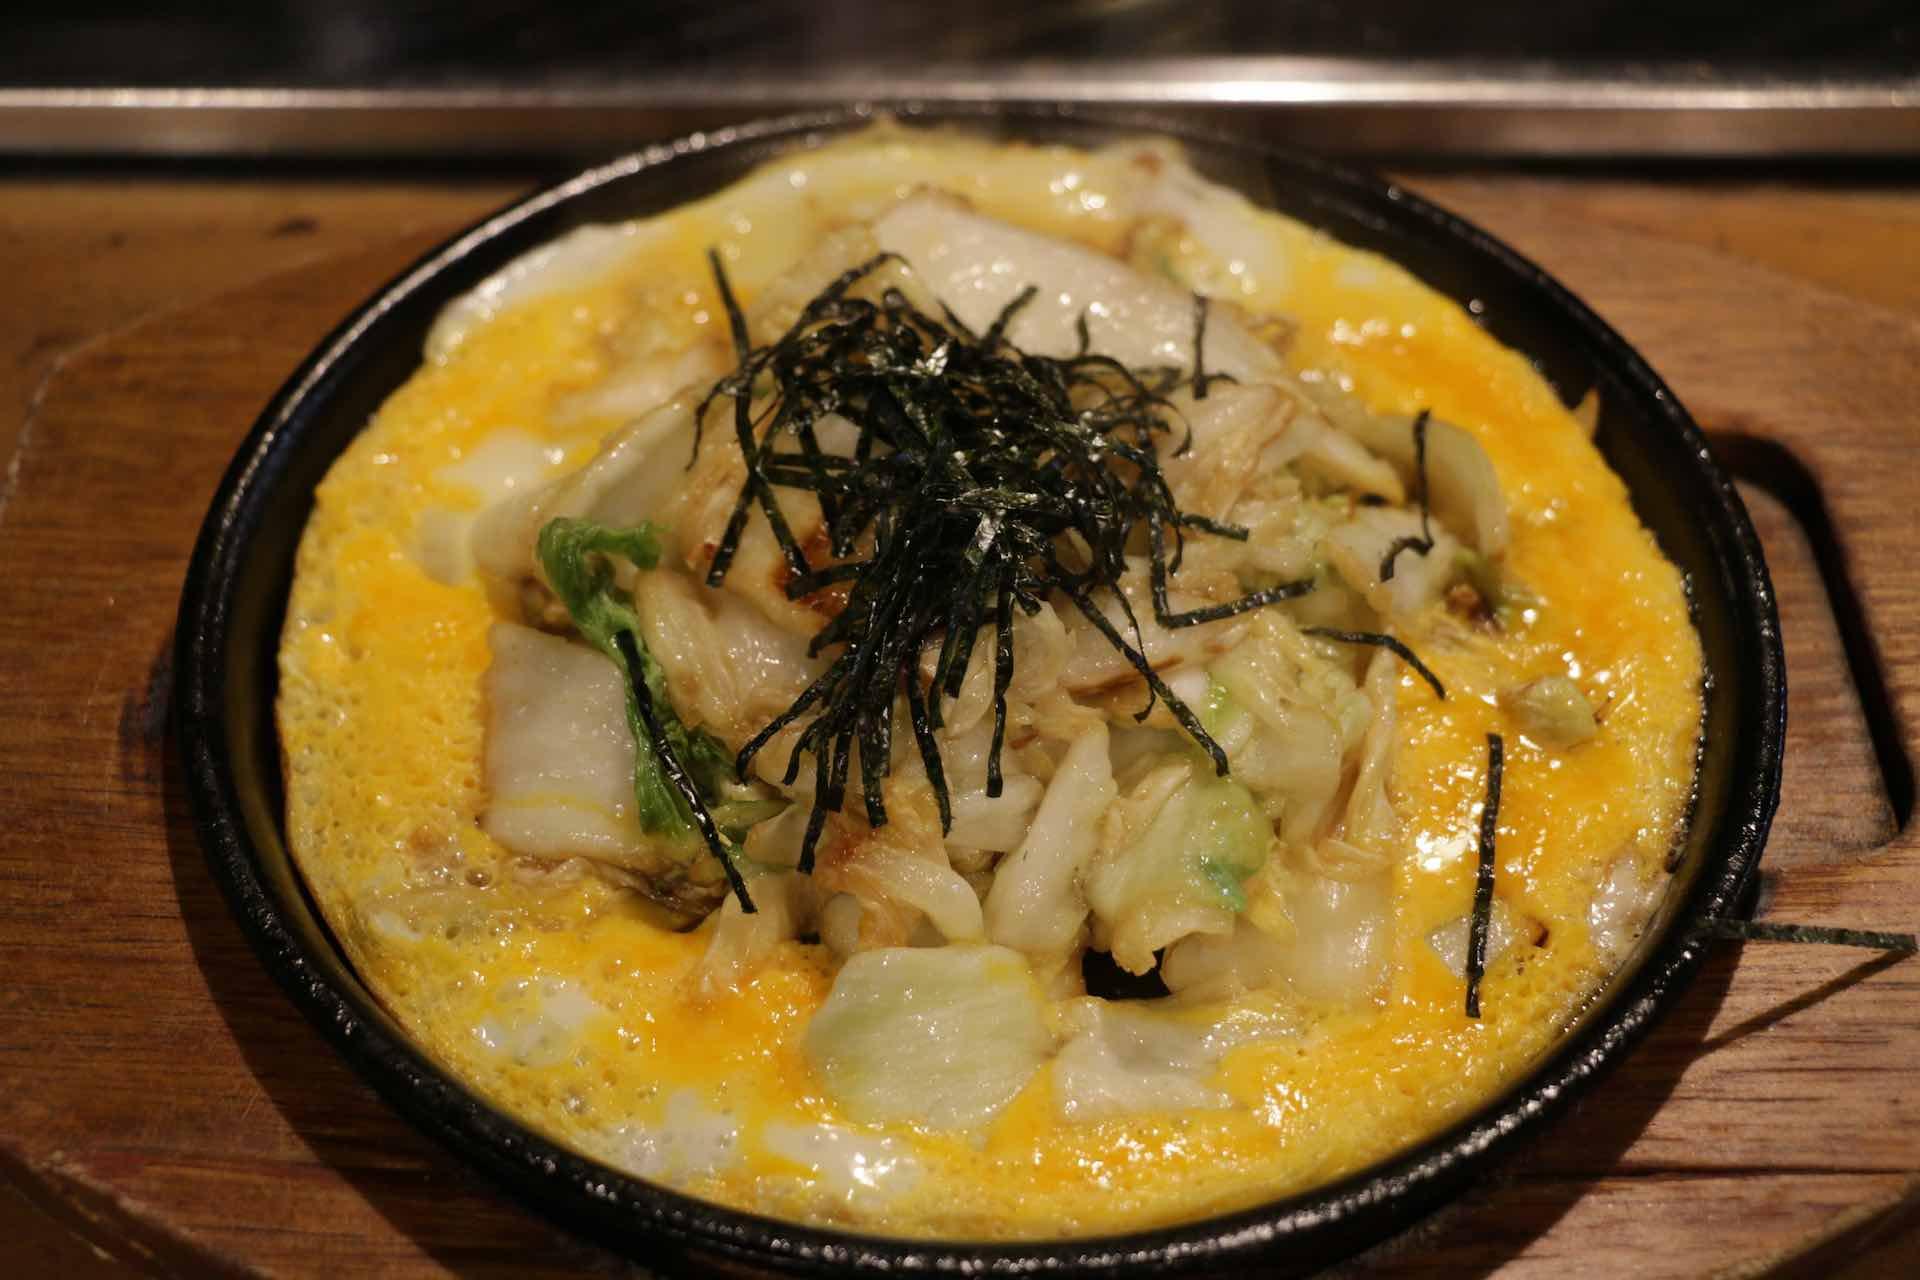 冷めないうちに食べてね、の言葉通り出来立てを急いでほおばると、アツアツの卵とじの中にシャキシャキとした白菜の歯ごたえ。あっさりしているので、濃いめの朴葉味噌と好相性です